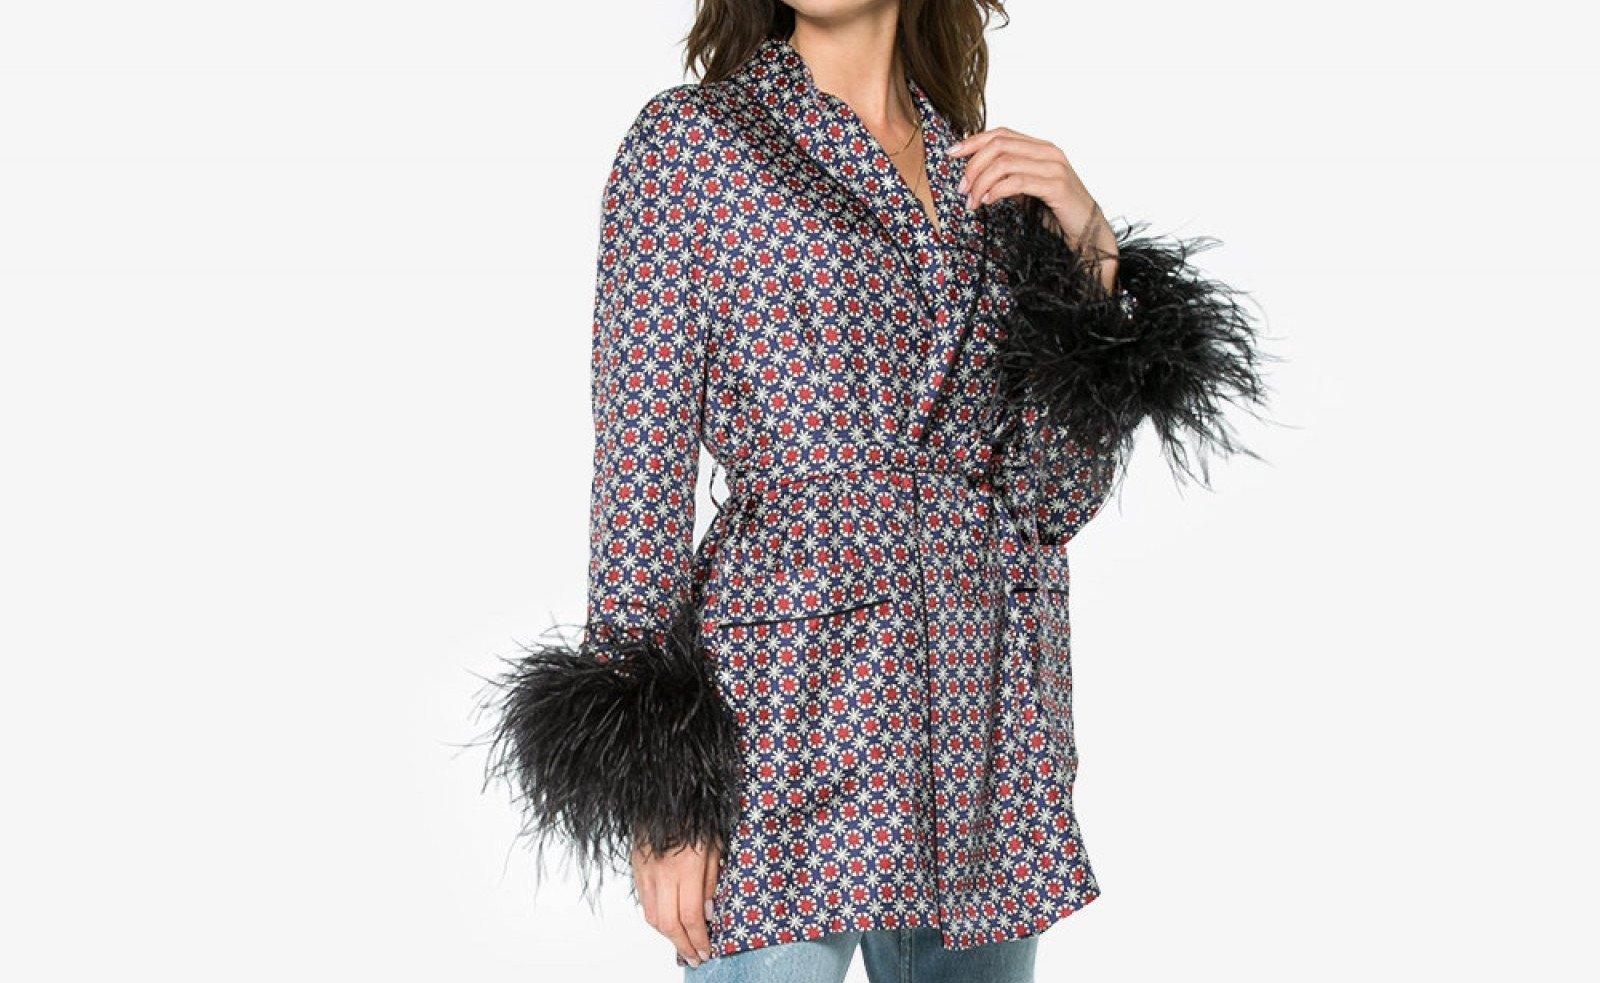 La chaqueta de seda estampada con puños de plumas negras de Prada